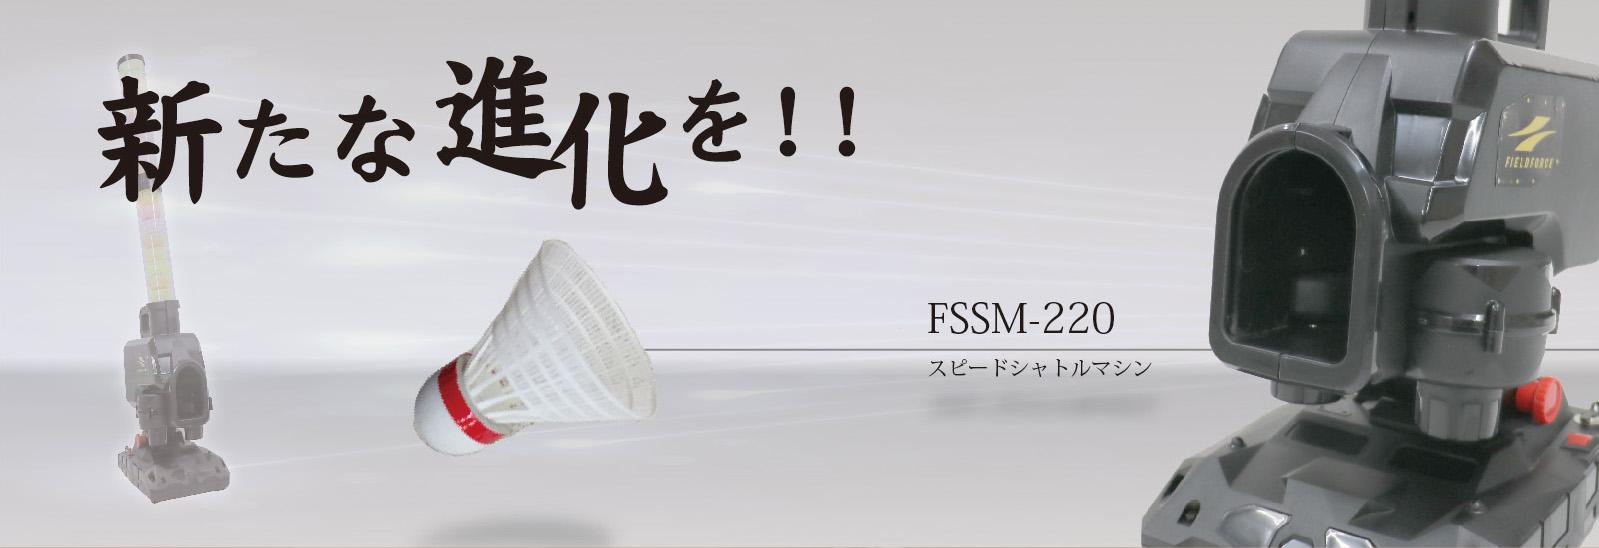 FSSM-220 スピードシャトルマシン